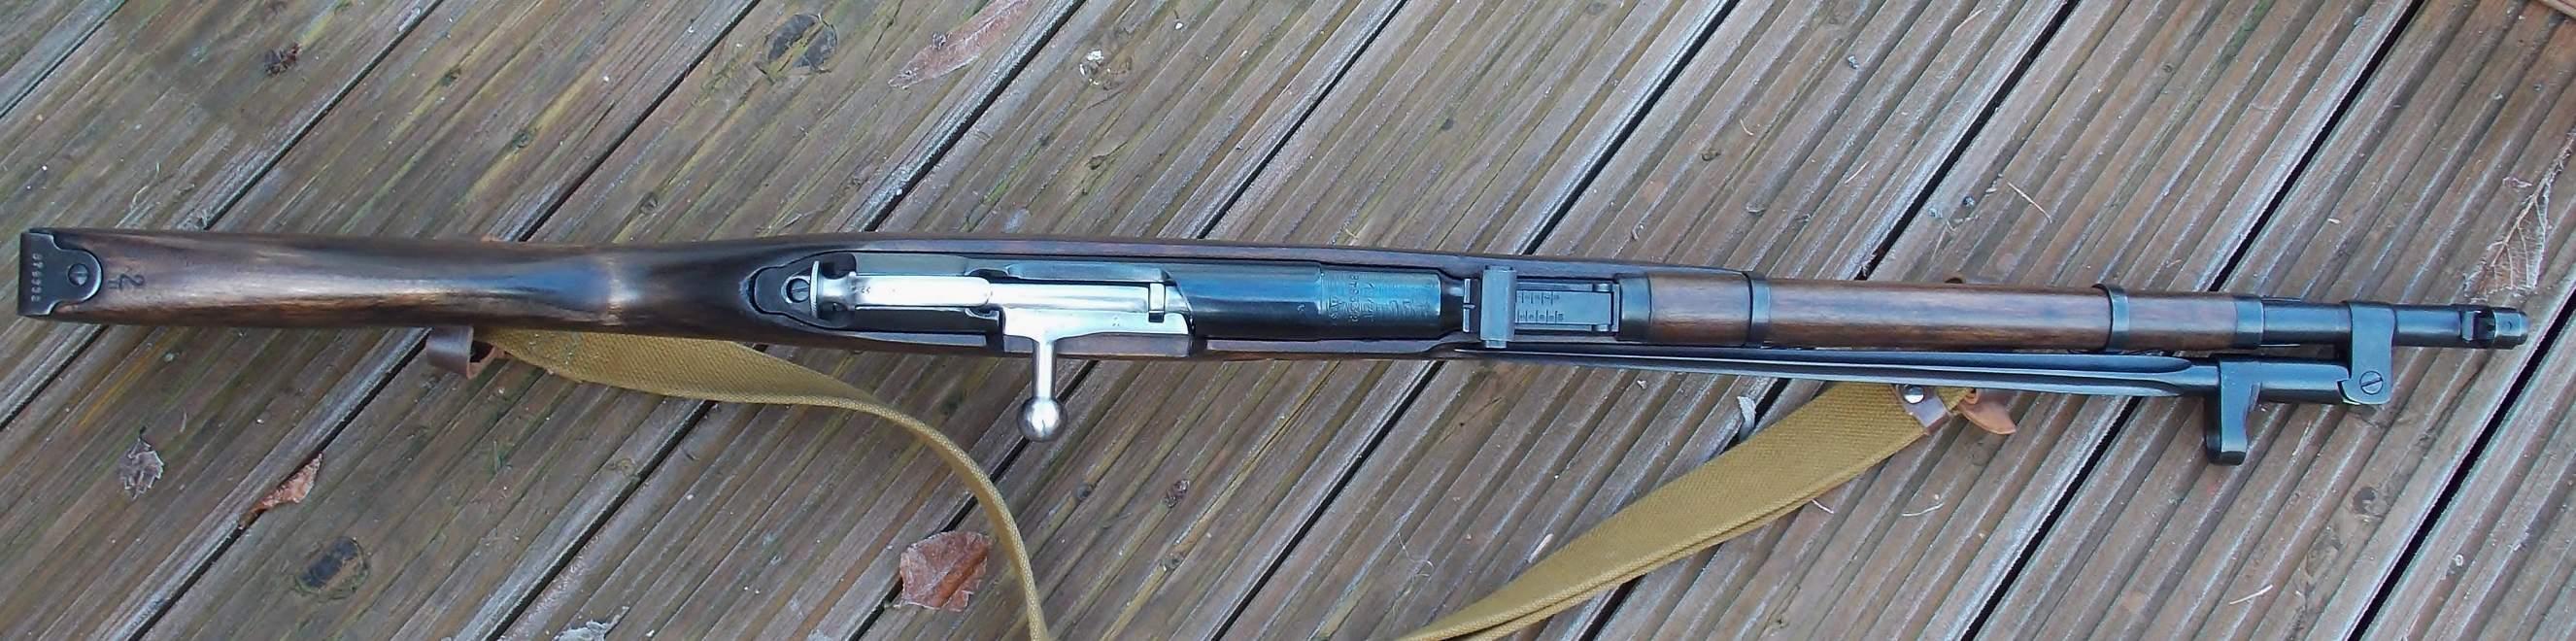 87 1944 Nagant Izhevsk M44 Mosin In Excellent Gun Schematic Model Carbine